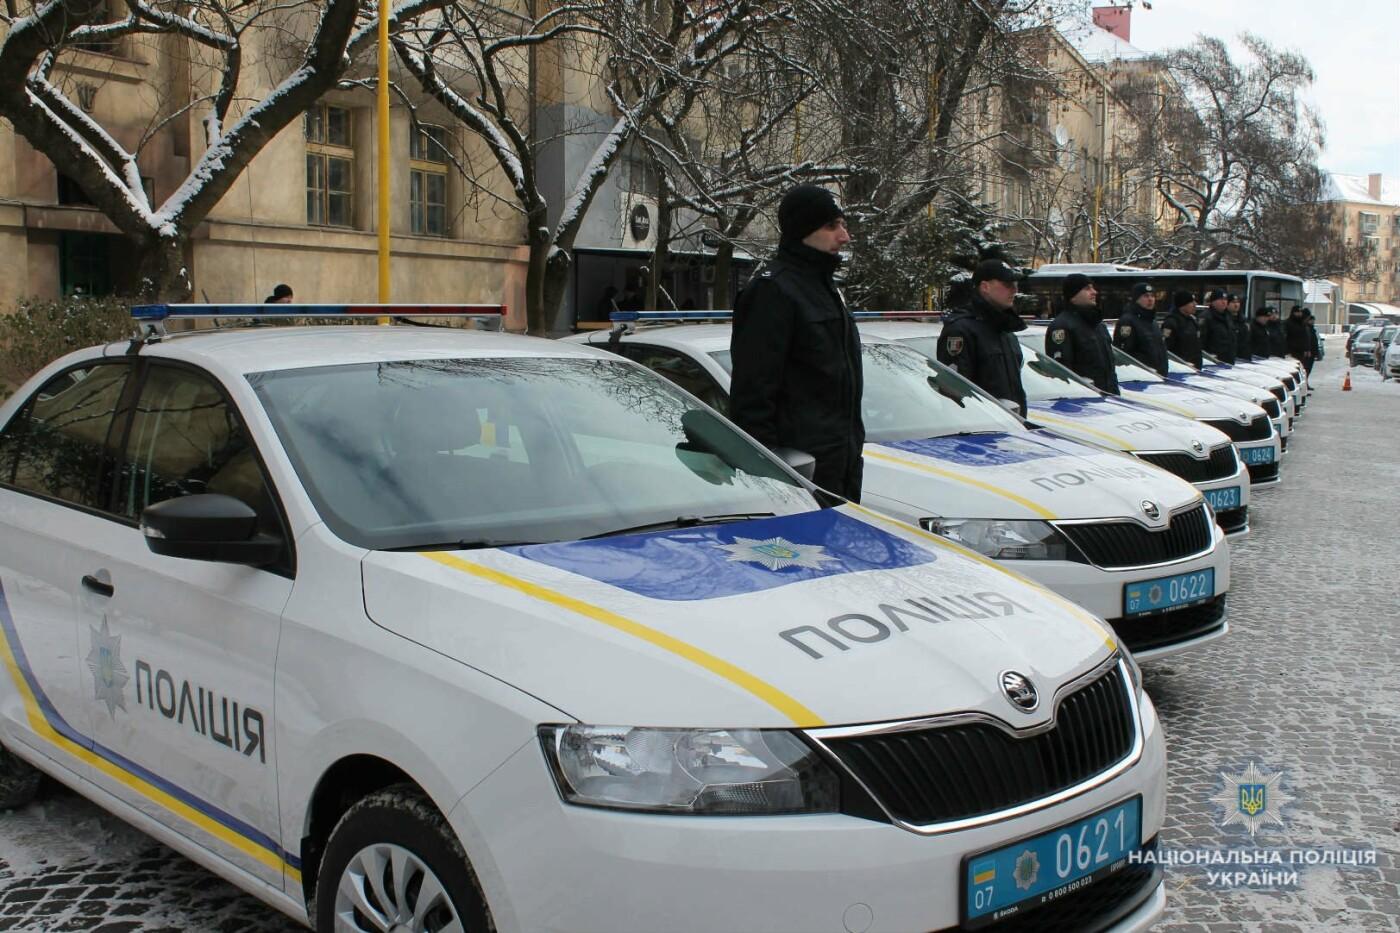 Автопарк поліції Закарпаття поповнився новими авто: чи прискориться реакція на звернення громадян (ФОТО, ВІДЕО), фото-1